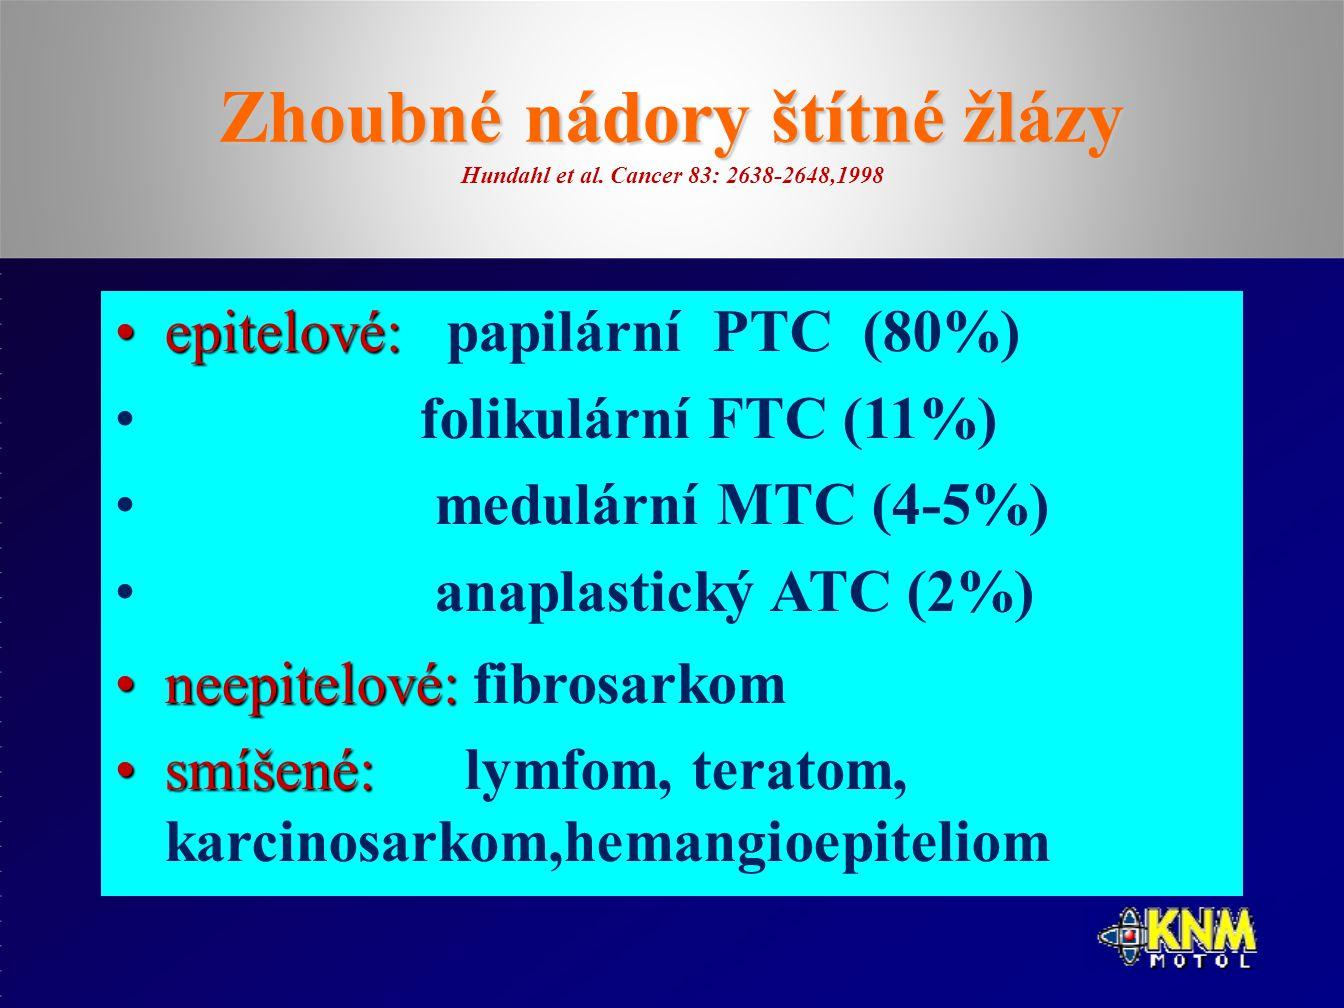 Zhoubné nádory štítné žlázy Zhoubné nádory štítné žlázy Hundahl et al.